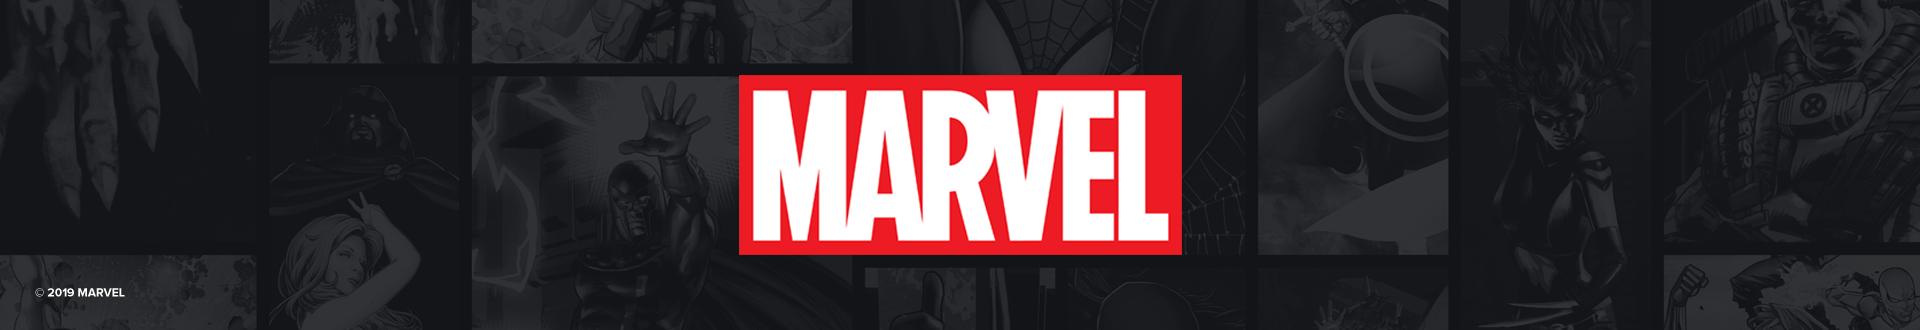 Marvel Habsro